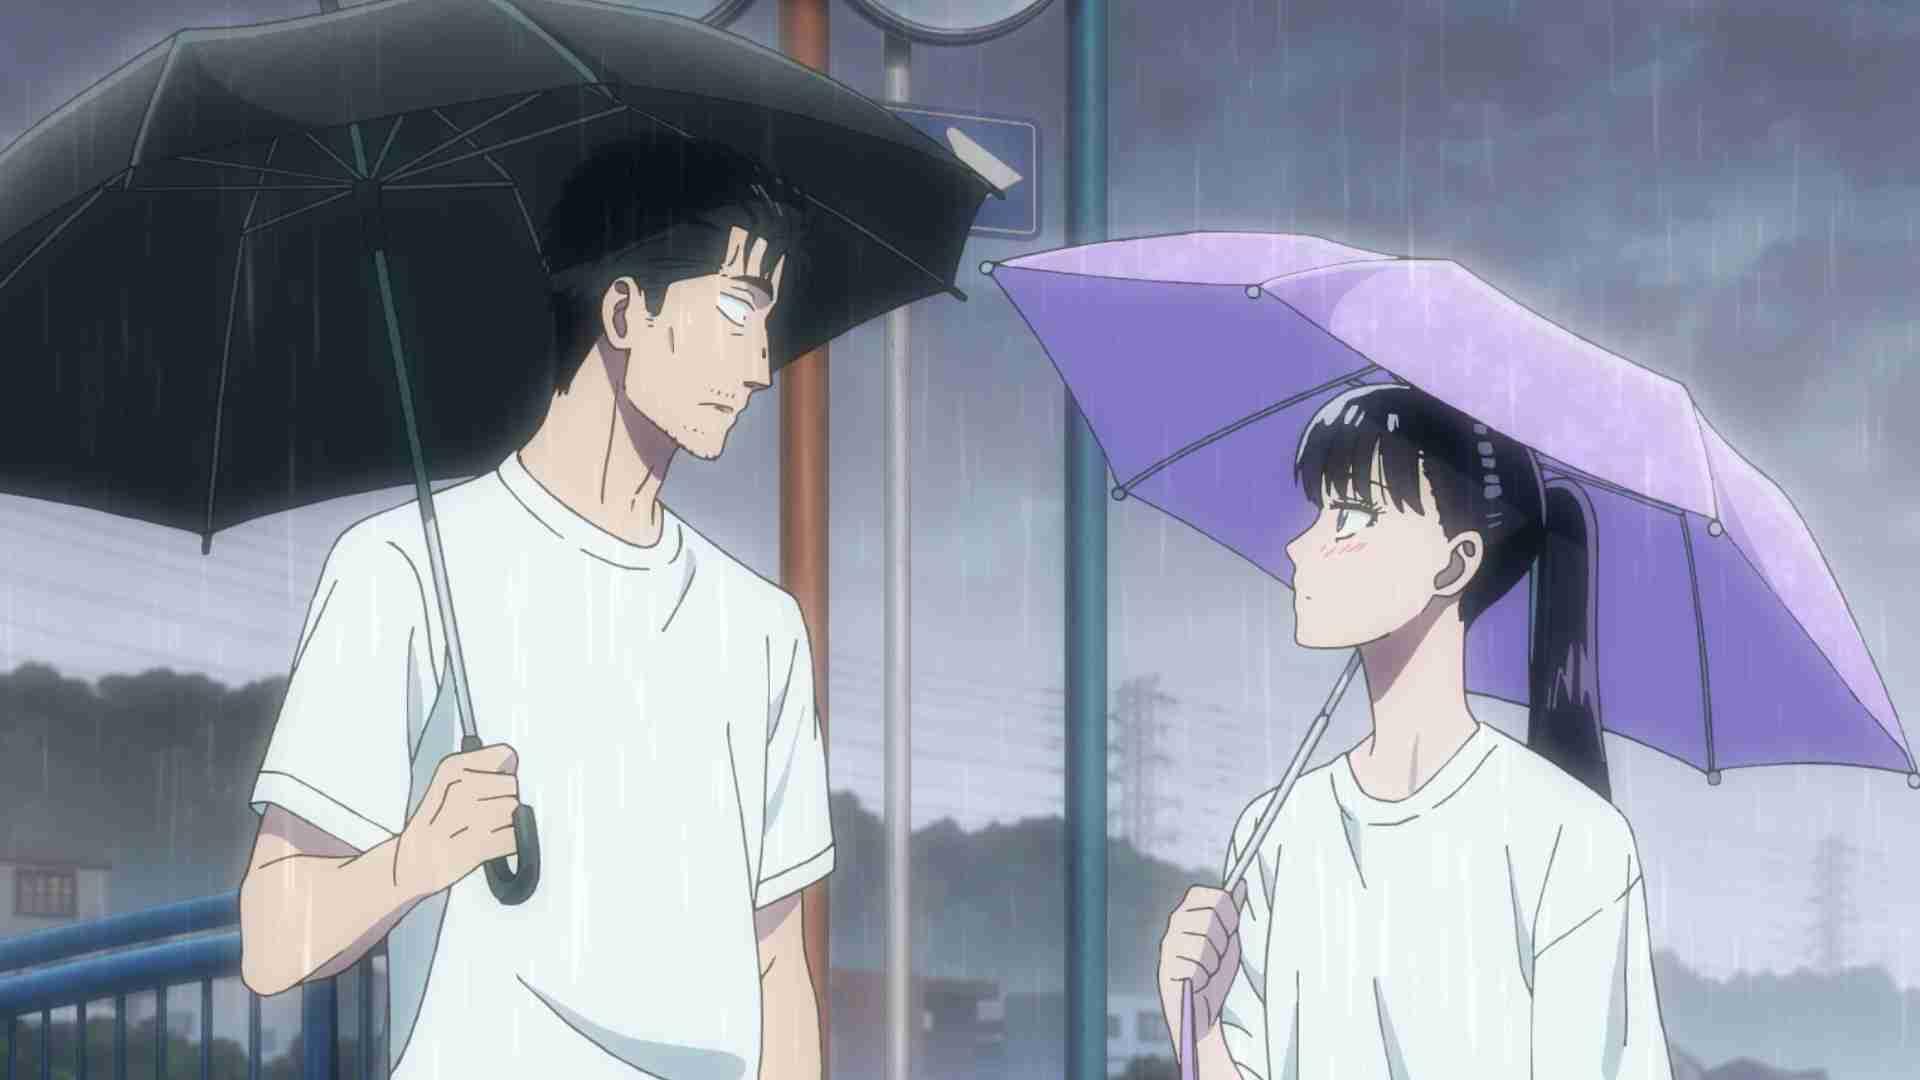 【漫画】恋は雨上がりのように、好きな人【アニメ】